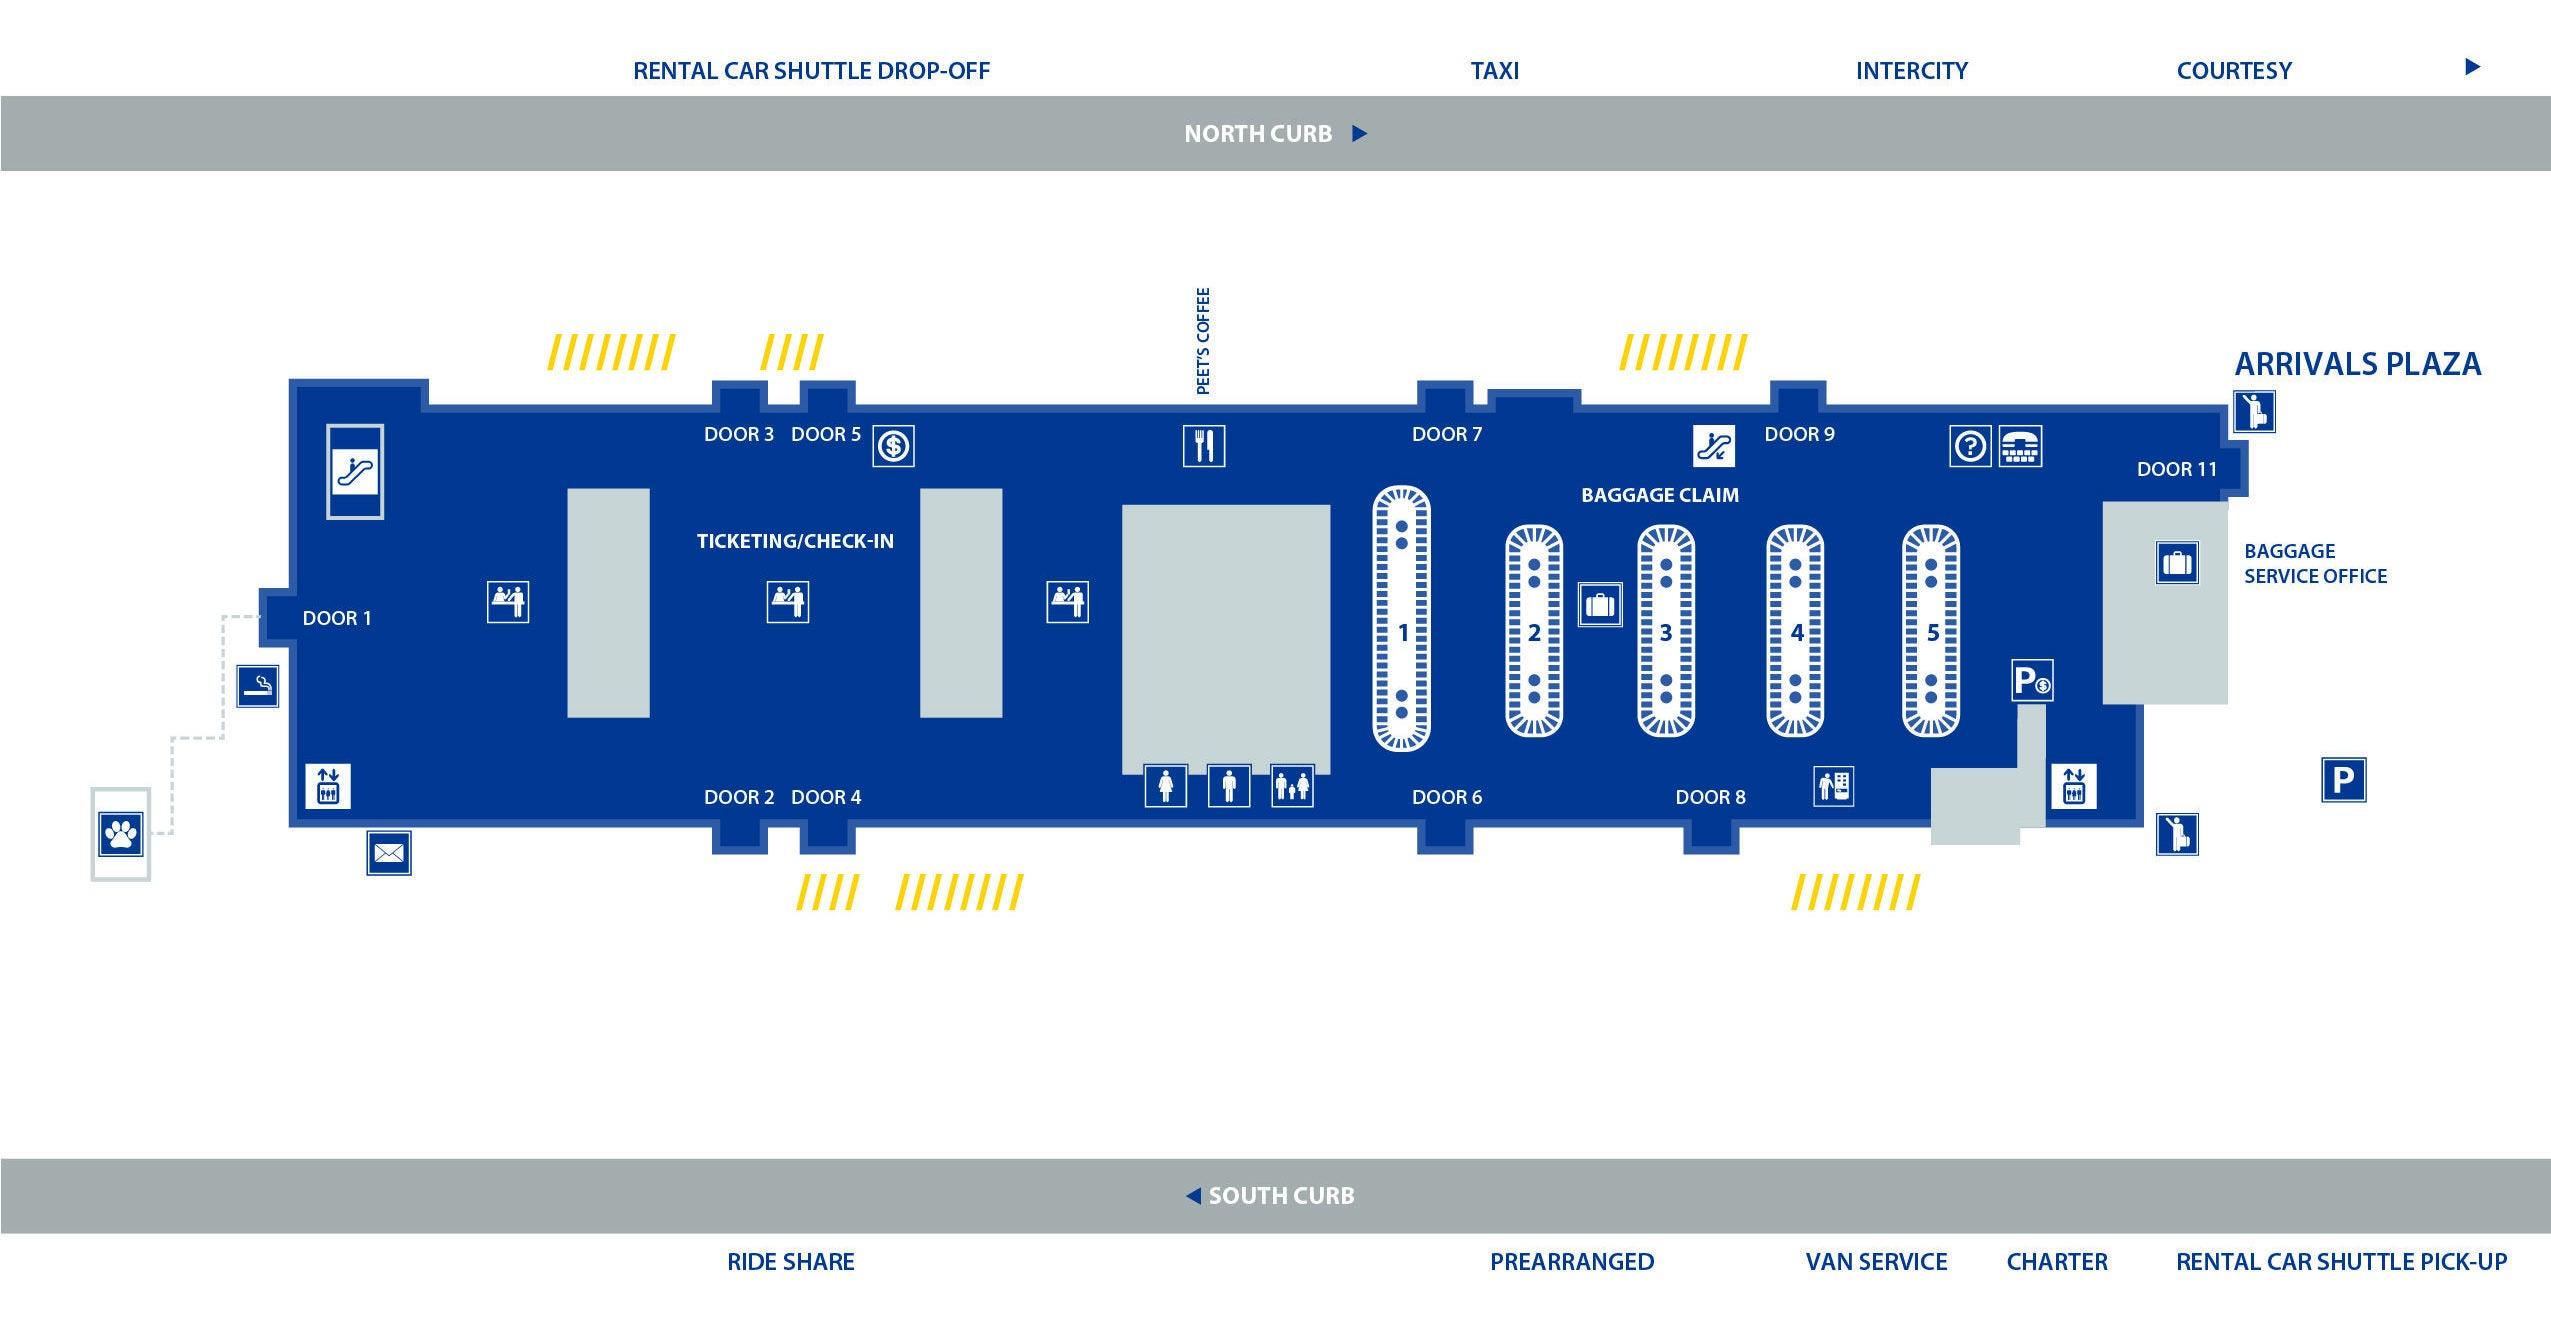 phx map terminal 4 Terminal 4 Phoenix Sky Harbor Airport Map phx map terminal 4